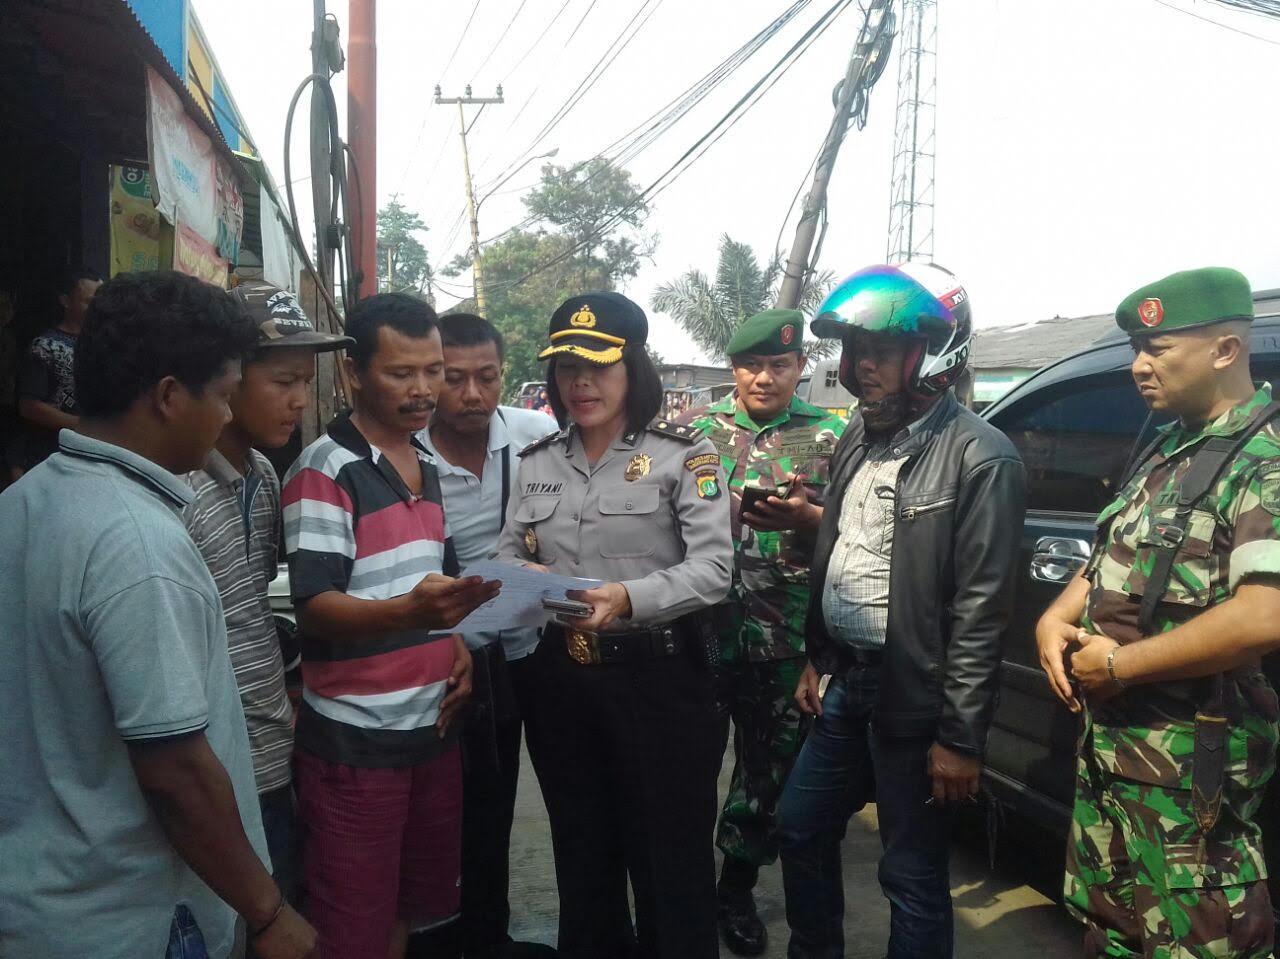 Anggota Polwan didampnigi anggota TNI membagi bagikan brosur ajakan damai, pasca bentrok antara sopir angkot dengan angkutan online.